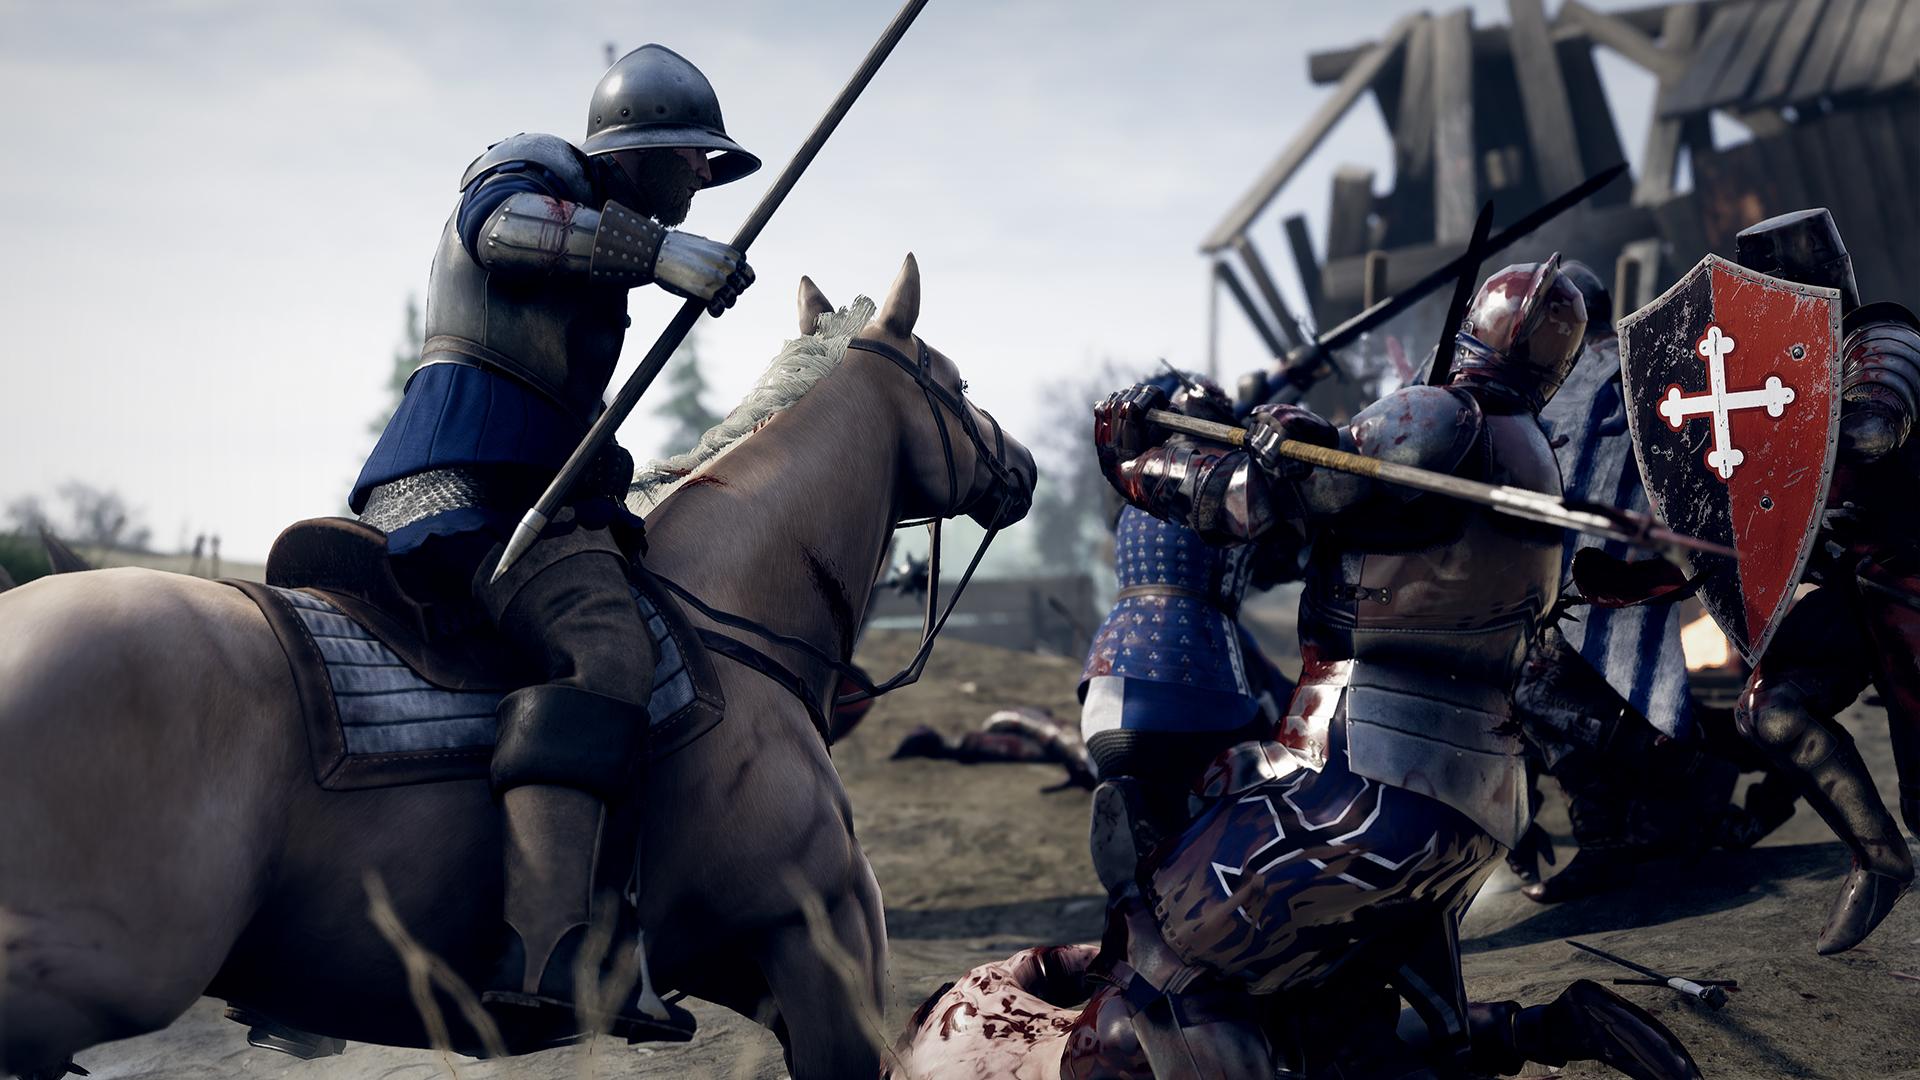 Серверы средневекового рубилова MORDHAU оказались не готовы к наплыву игроков, но авторы обещают всё починить